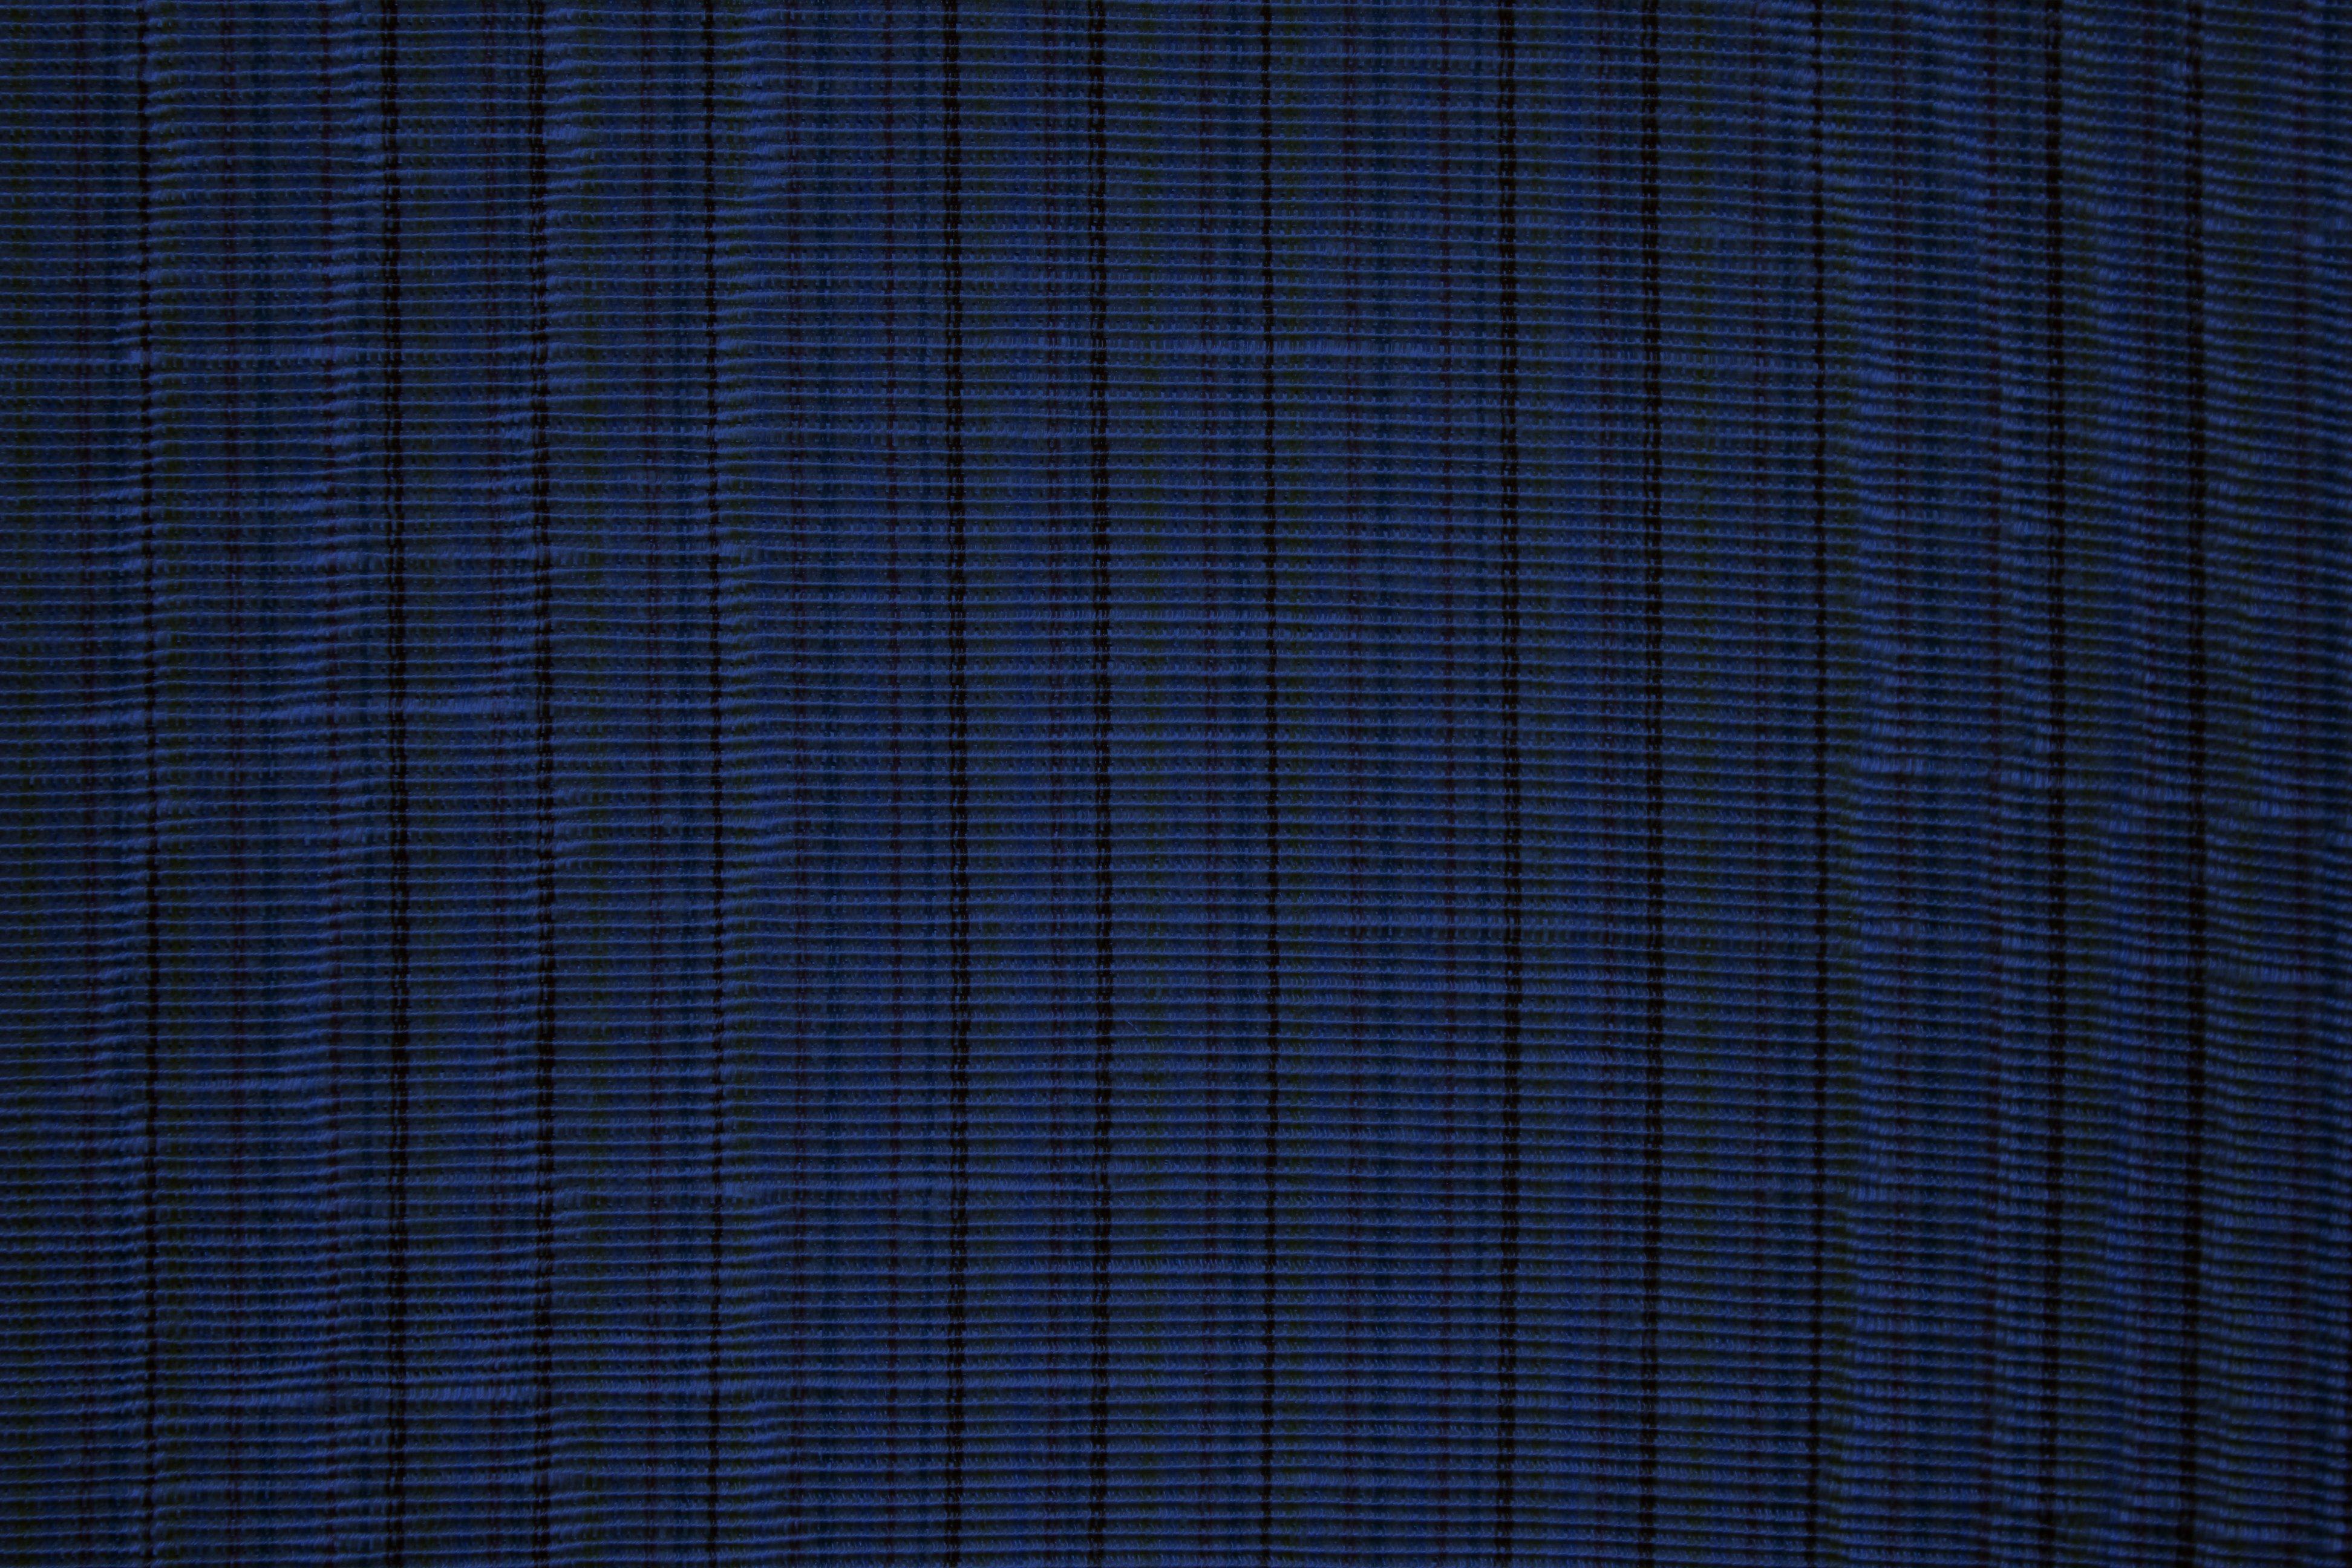 navy blue wallpaper 2015   Grasscloth Wallpaper 3888x2592